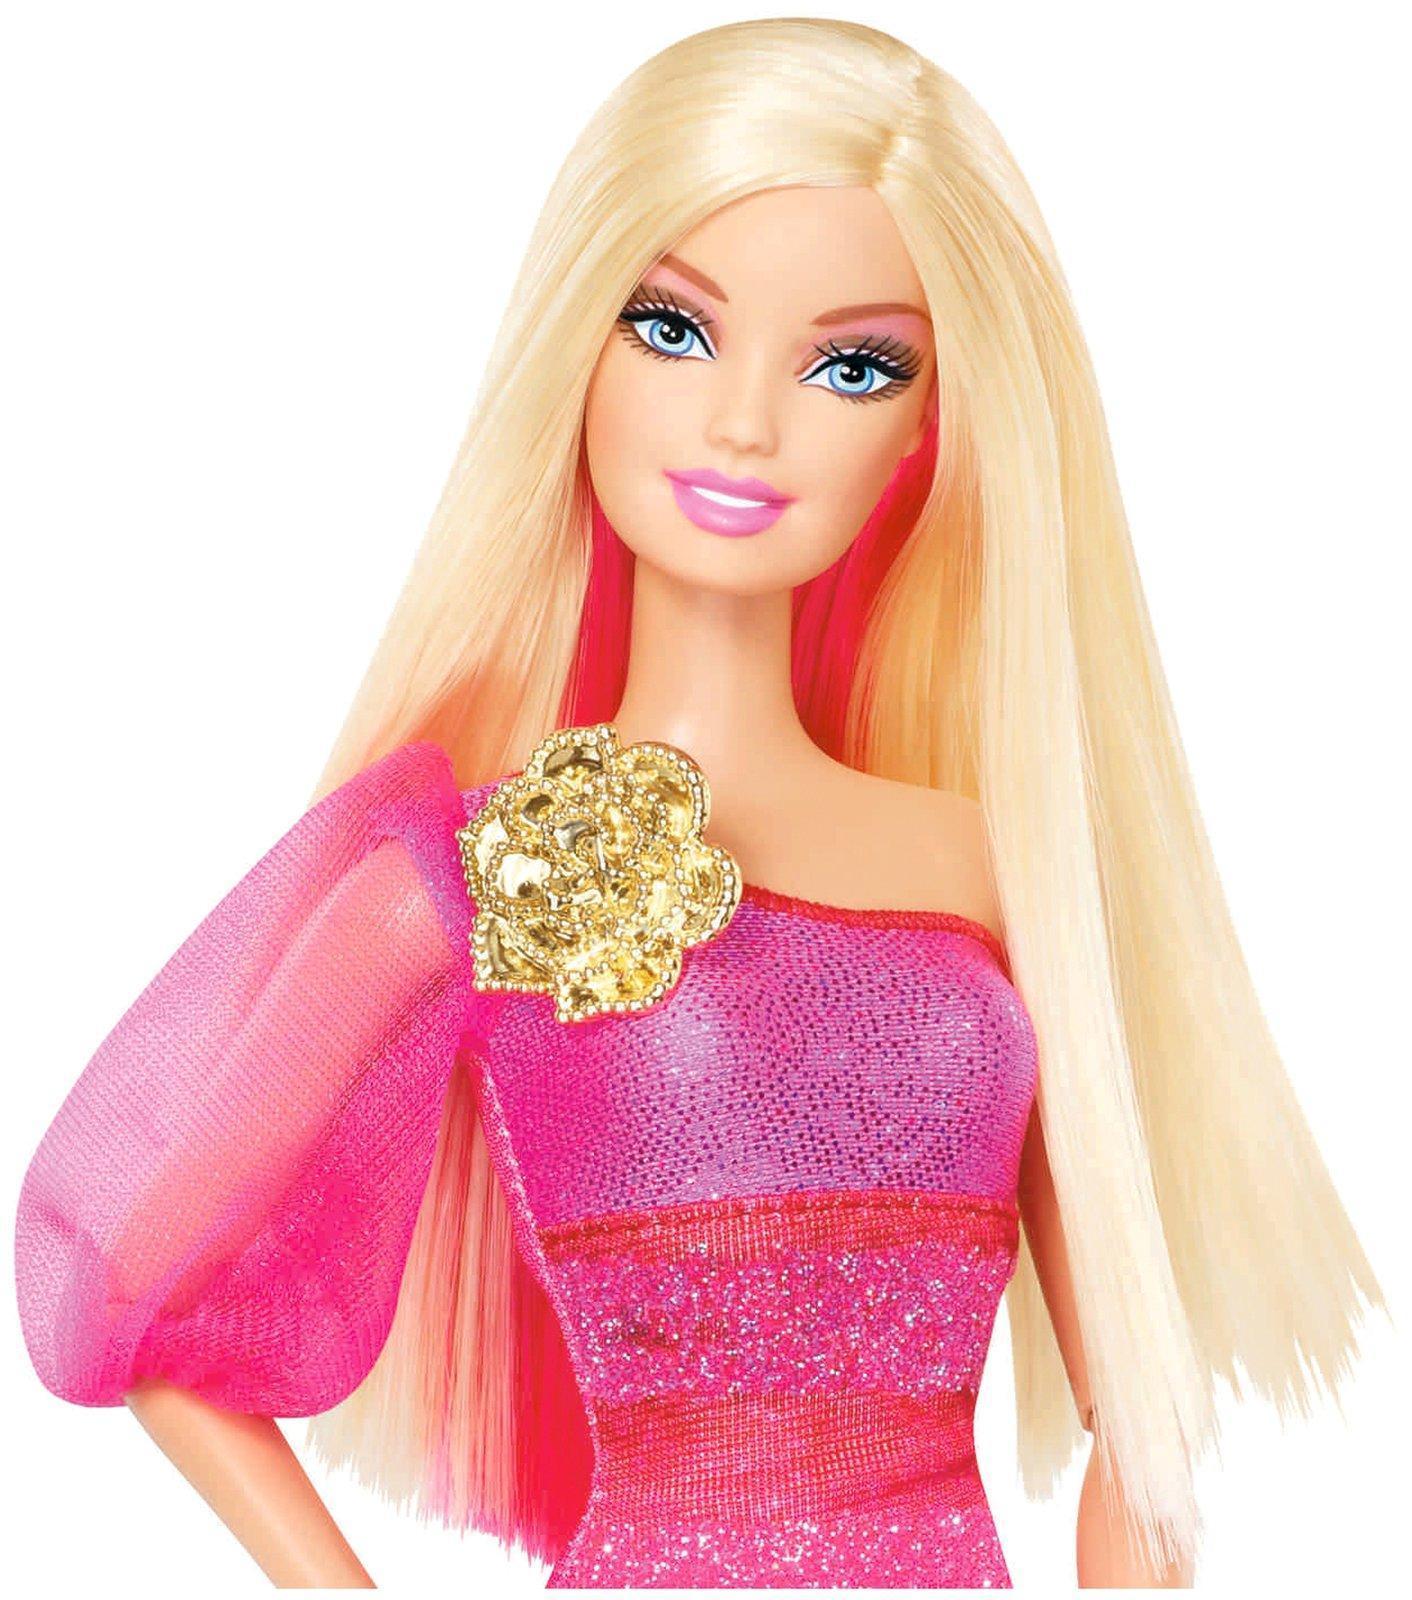 Koleksi Gambar Barbie Untuk Putri Kesayangan Anda ...